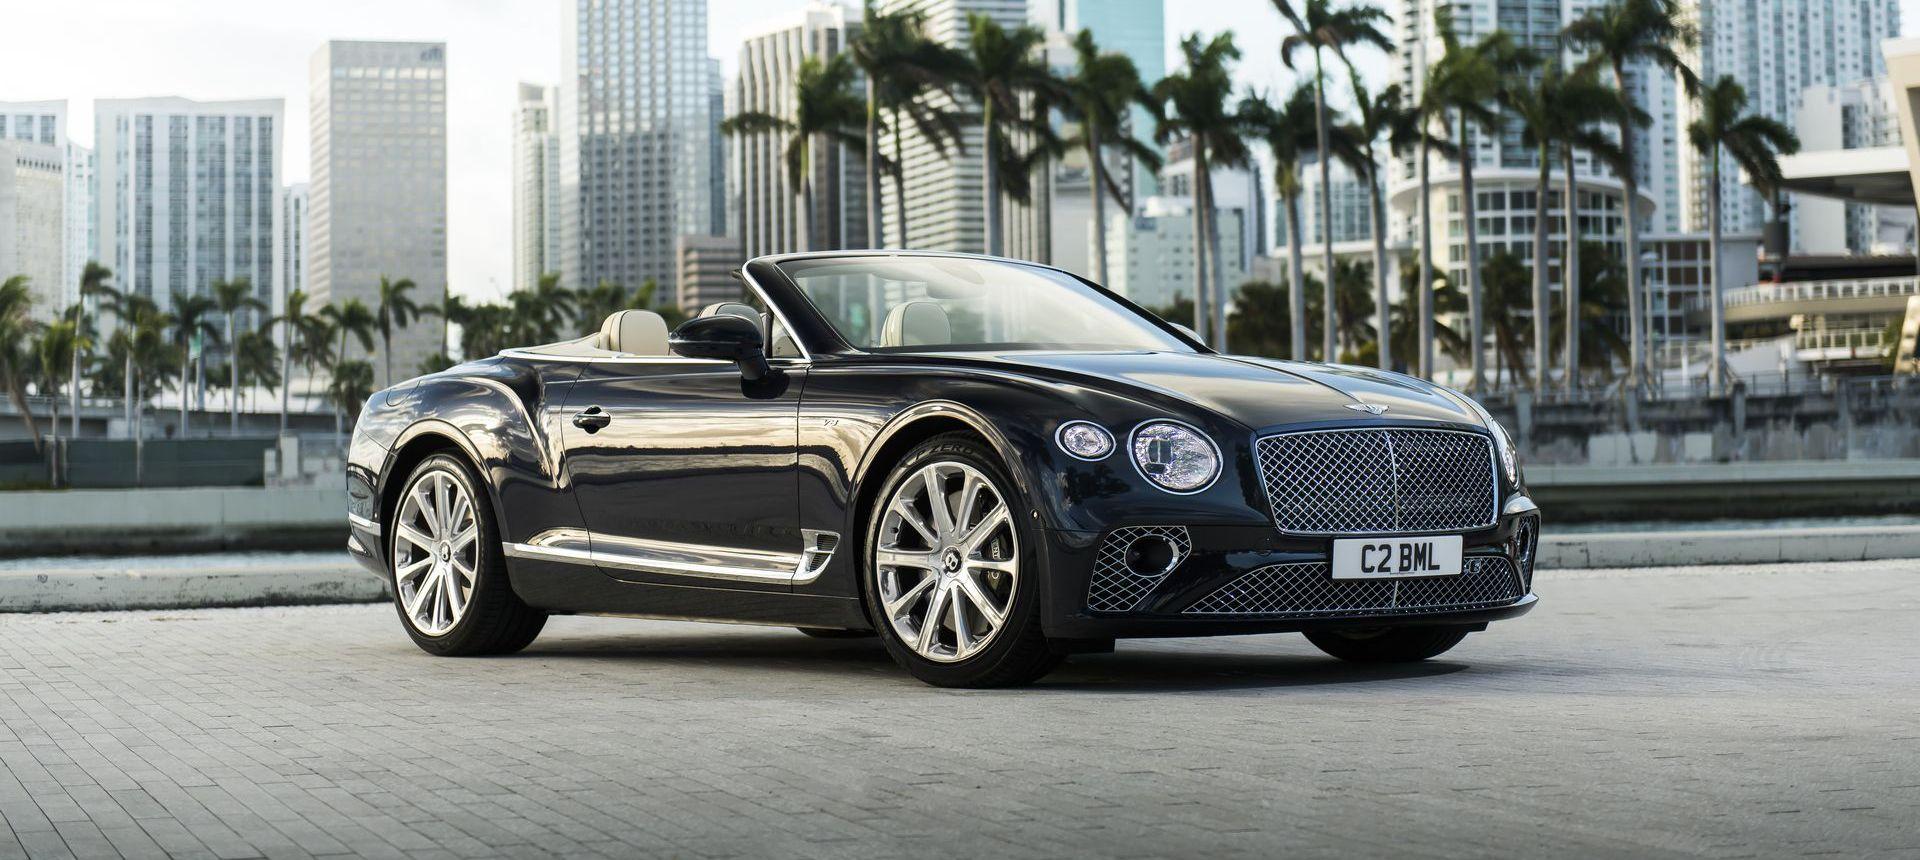 Bentley Continental Gt V8 2019 P